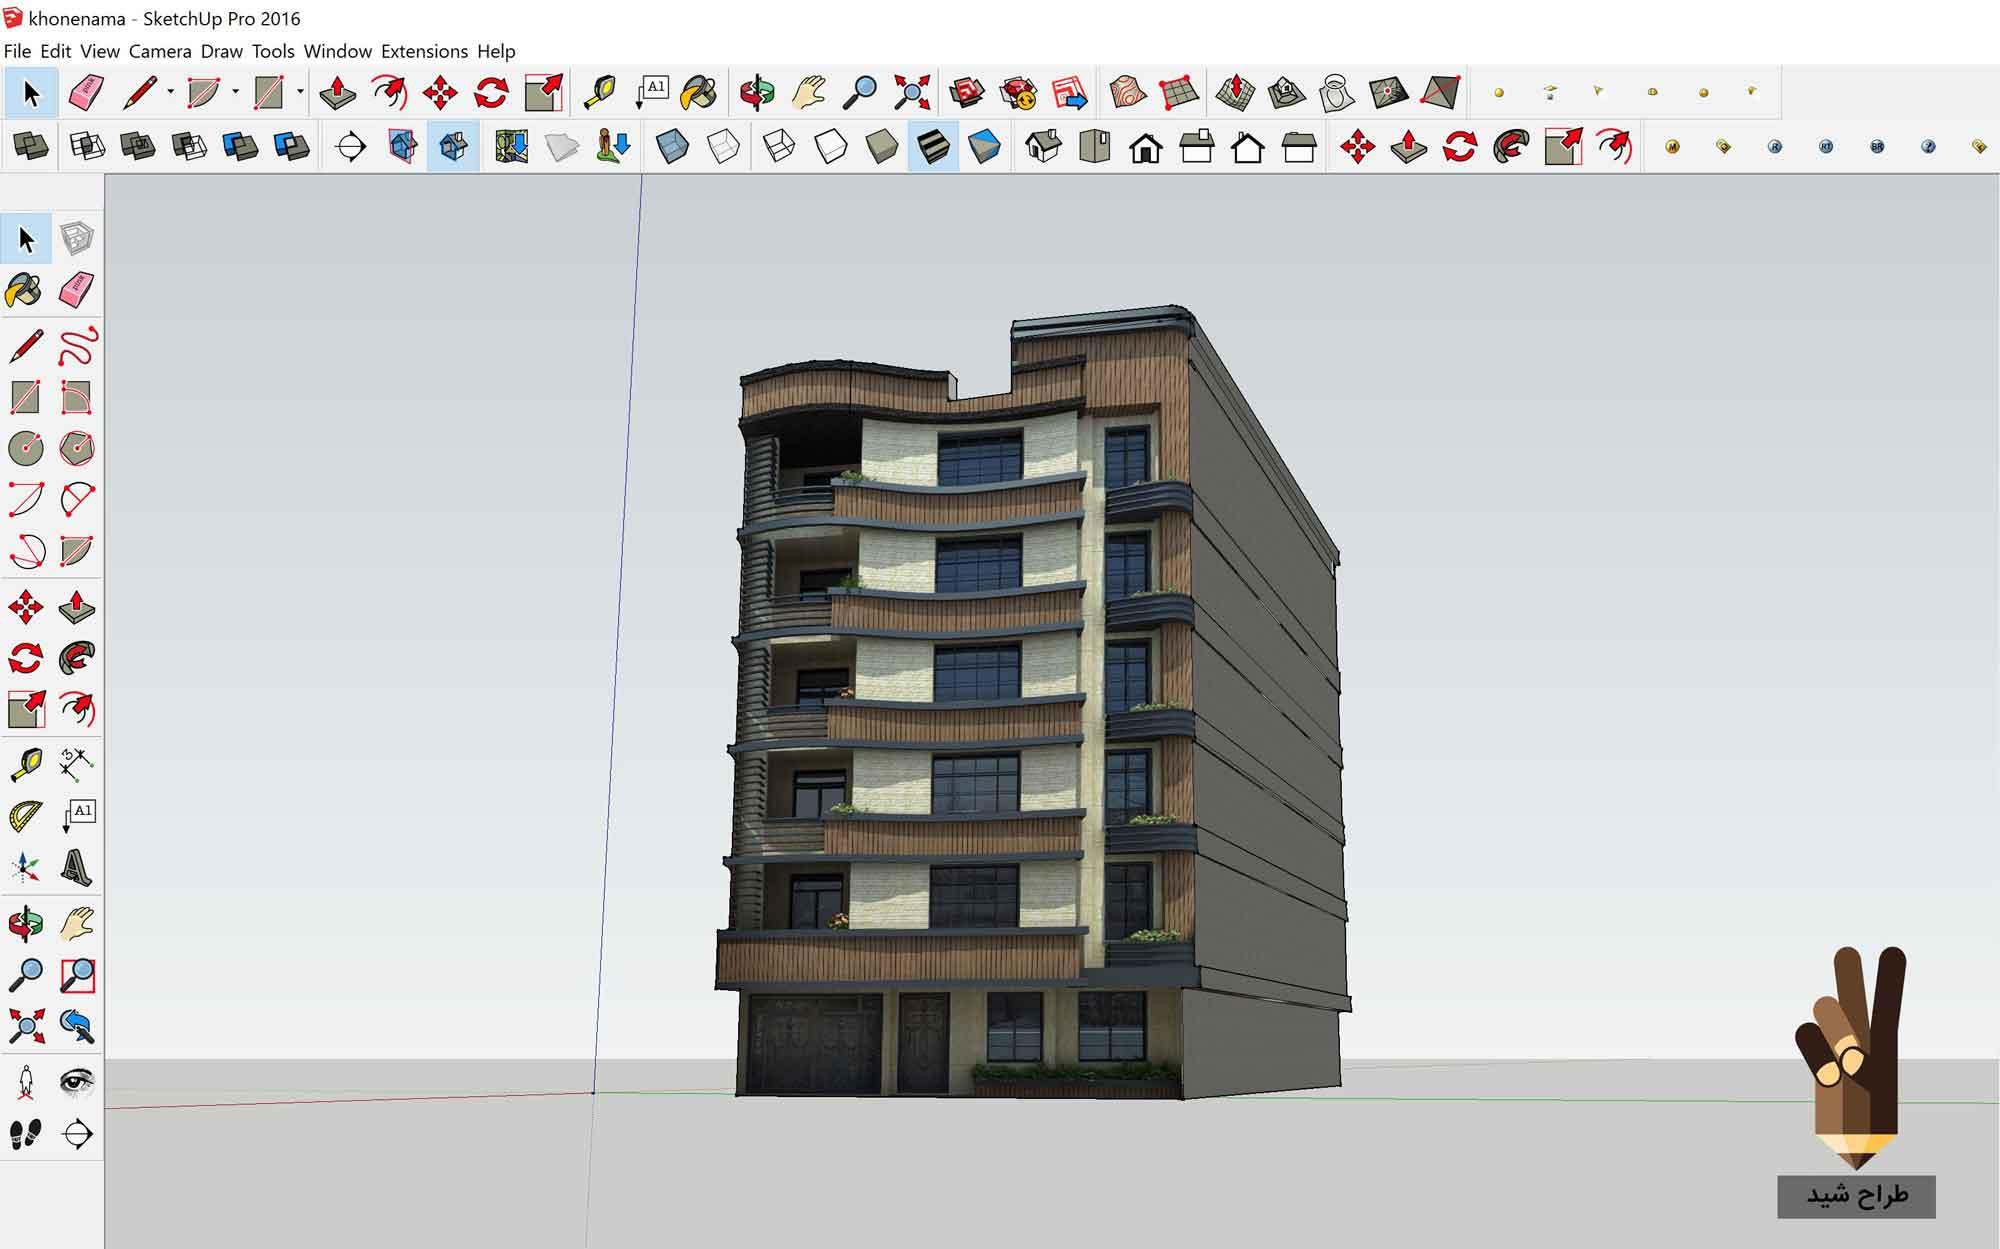 سه بعدی کردن نمای ساختمان در اسکچاپ 7